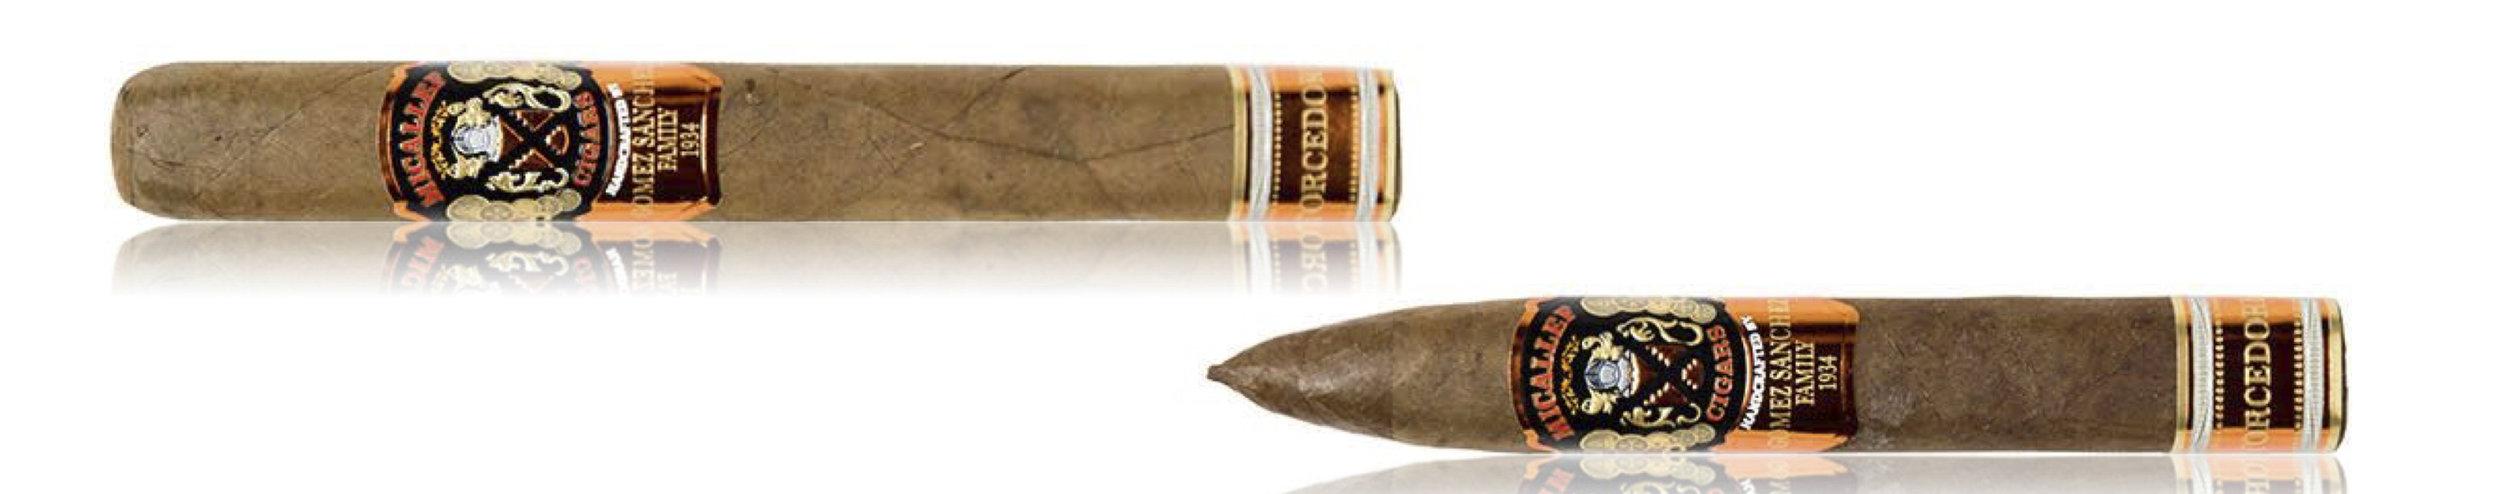 Cigar Images New - Herencia Habano.jpg